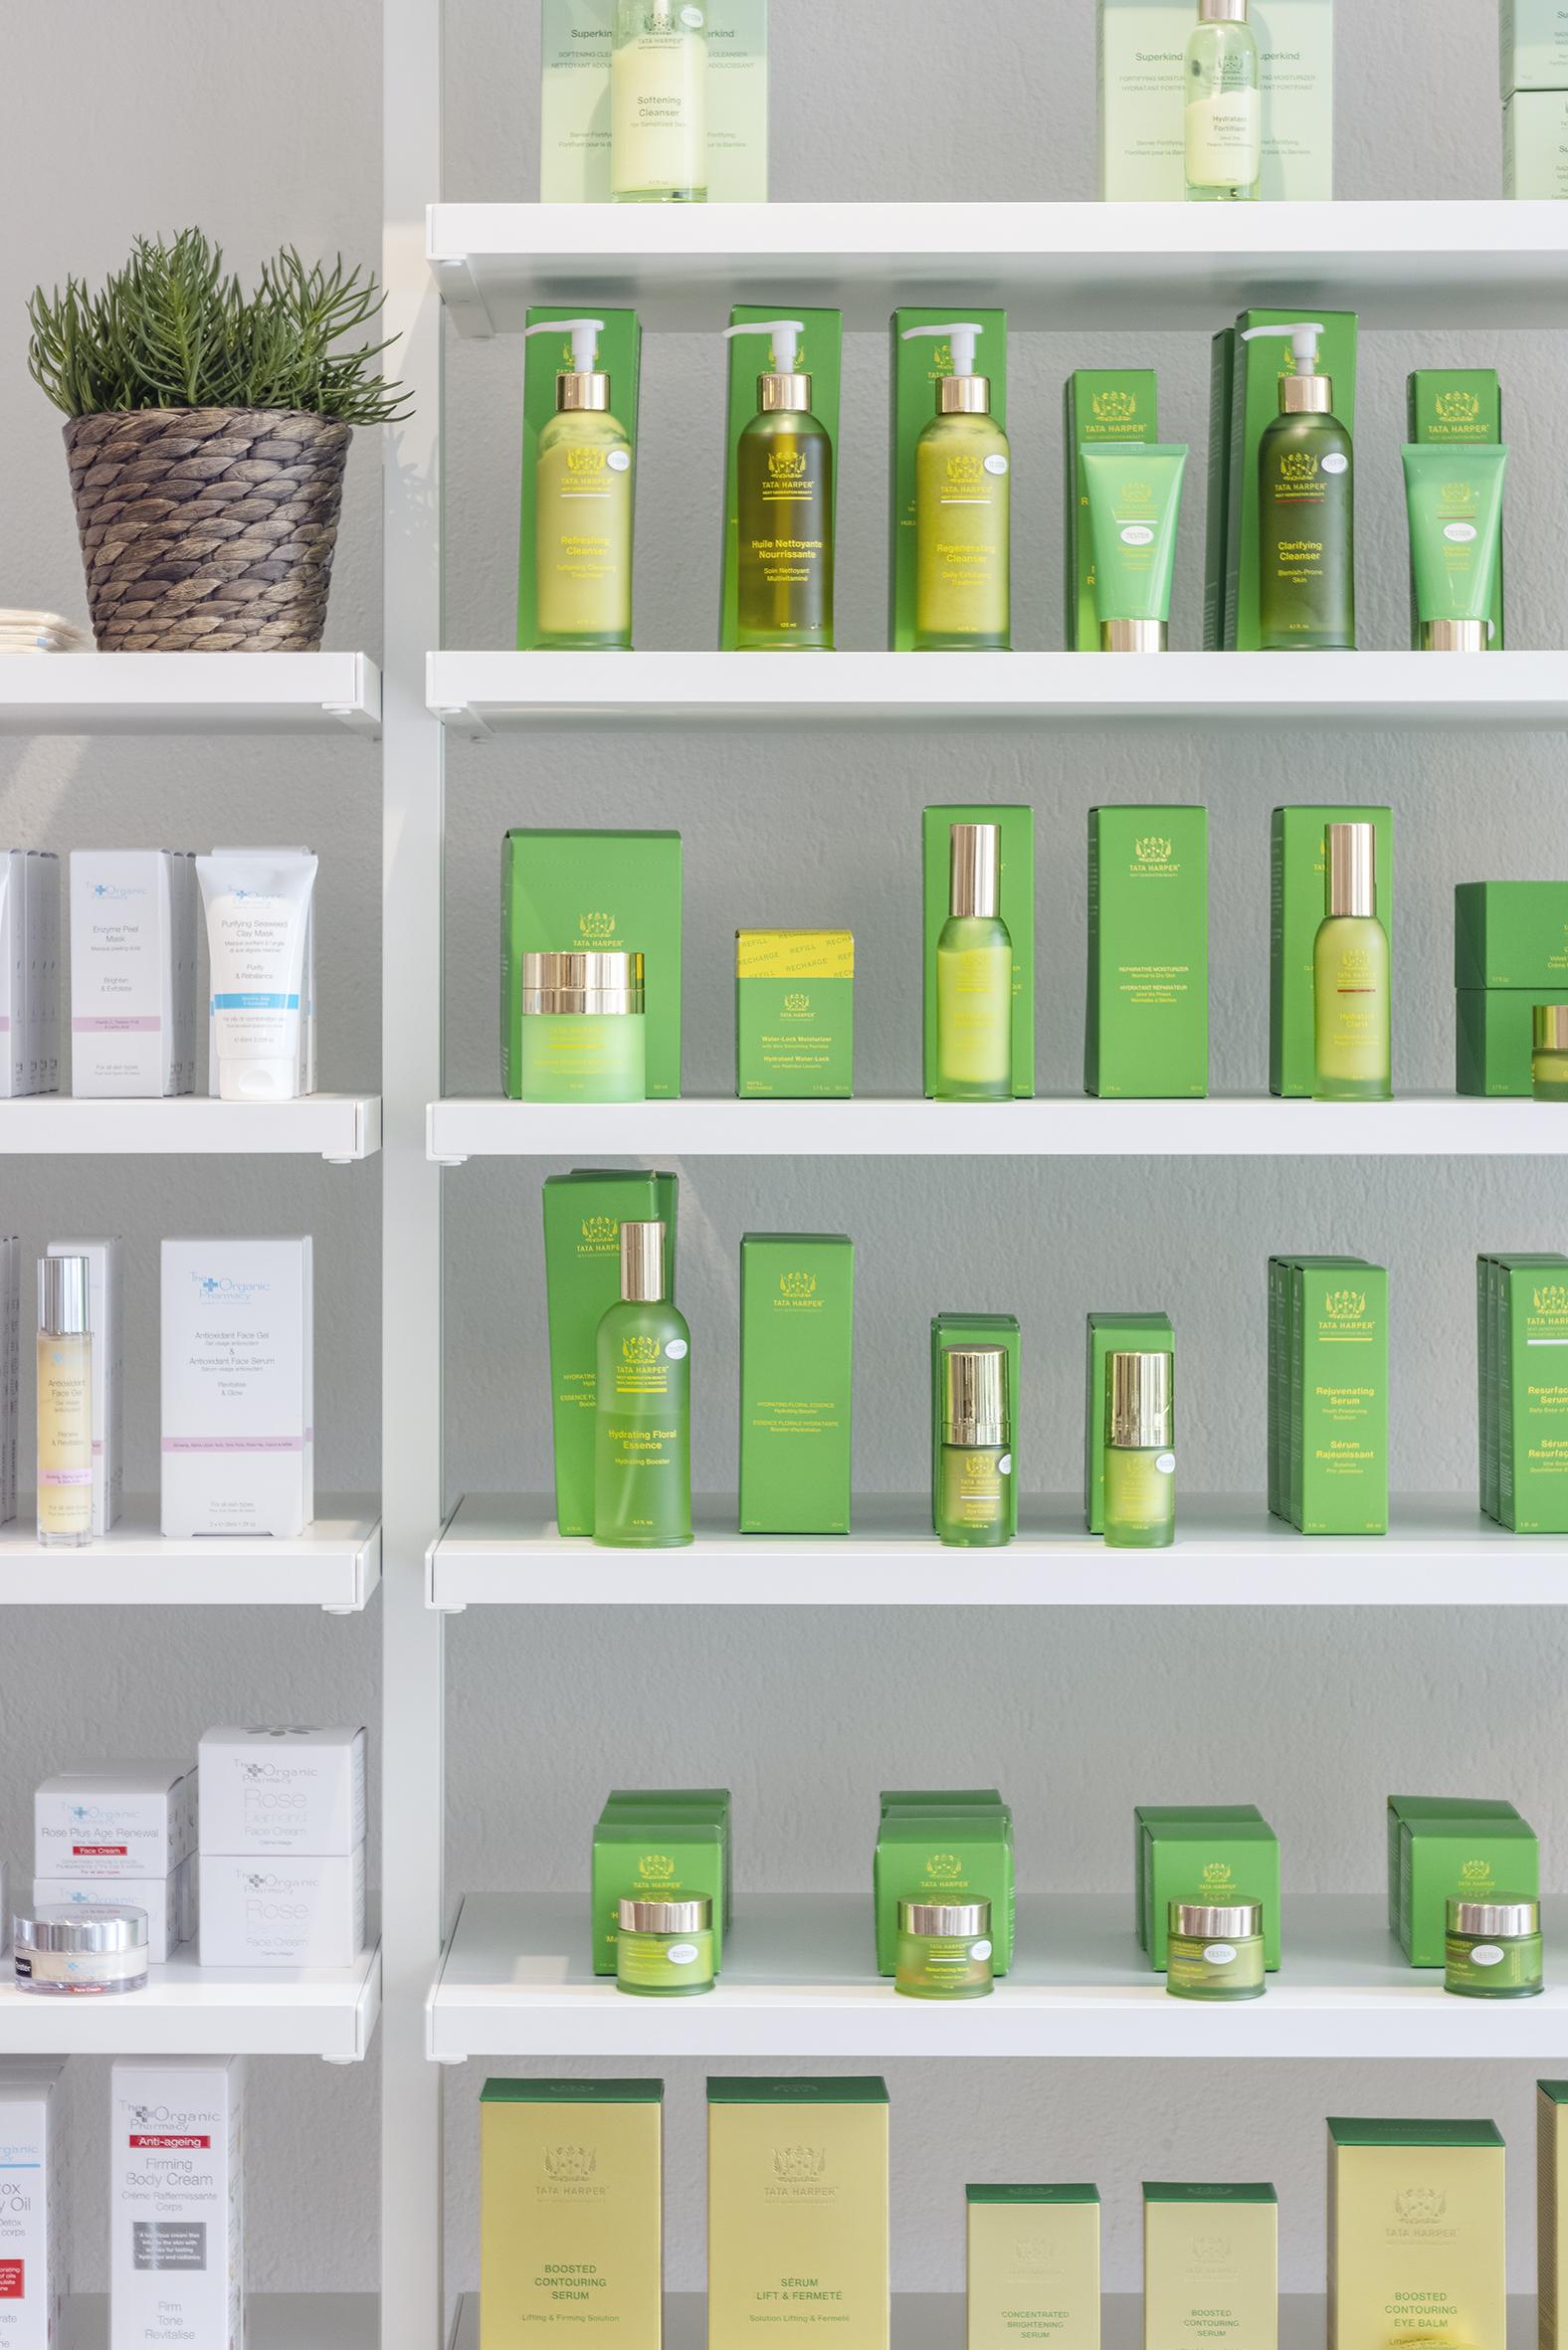 Grün, nachhaltig, effektiv: Naturkosmetik aus Überzeugung